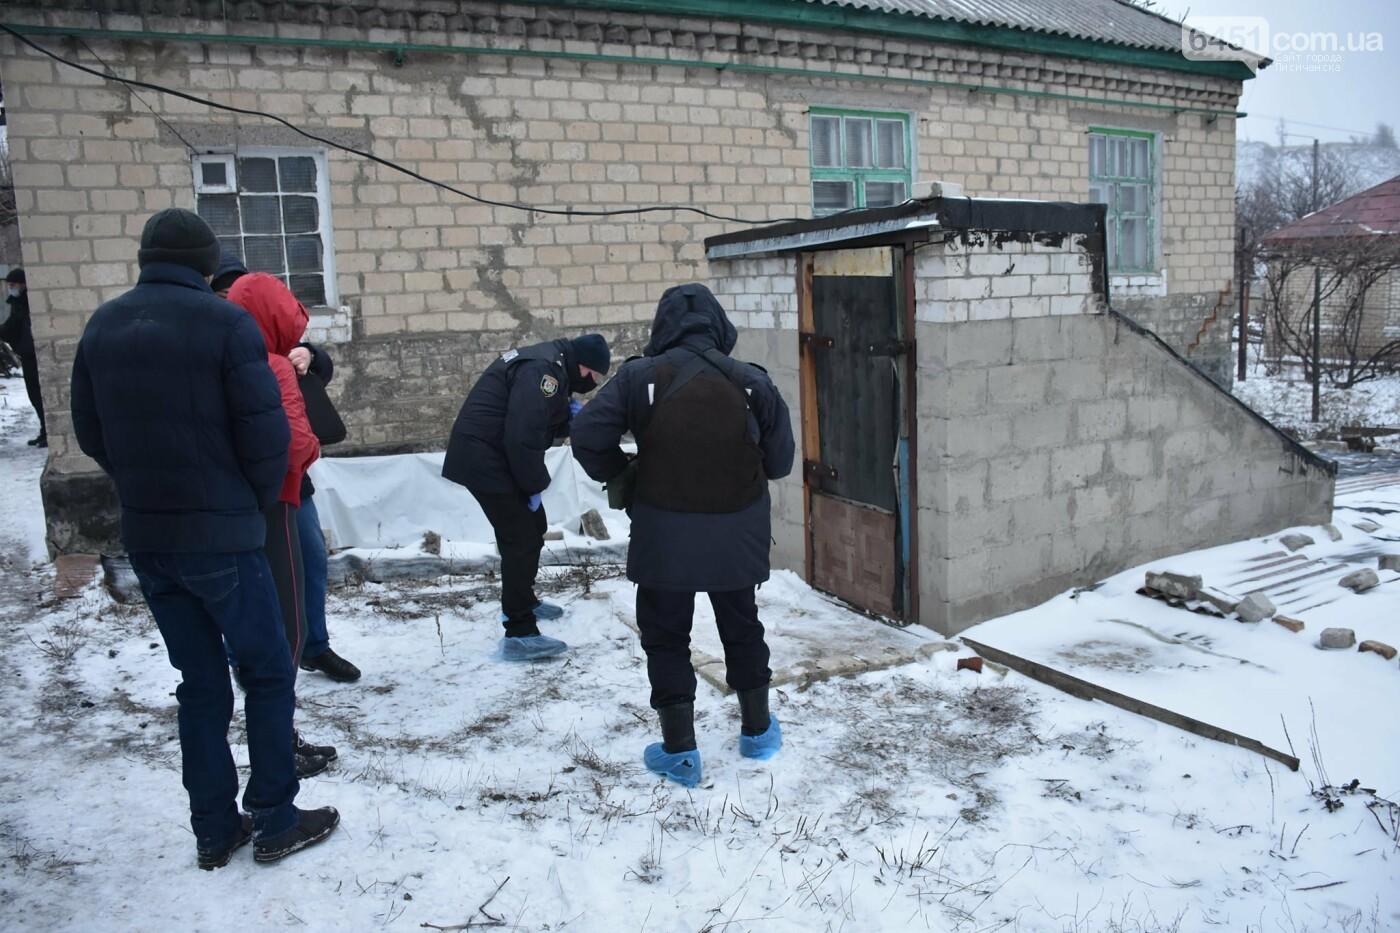 В Лисичанске мужчина убил и расчленил тело собутыльника, фото-1, Полиция Луганской области